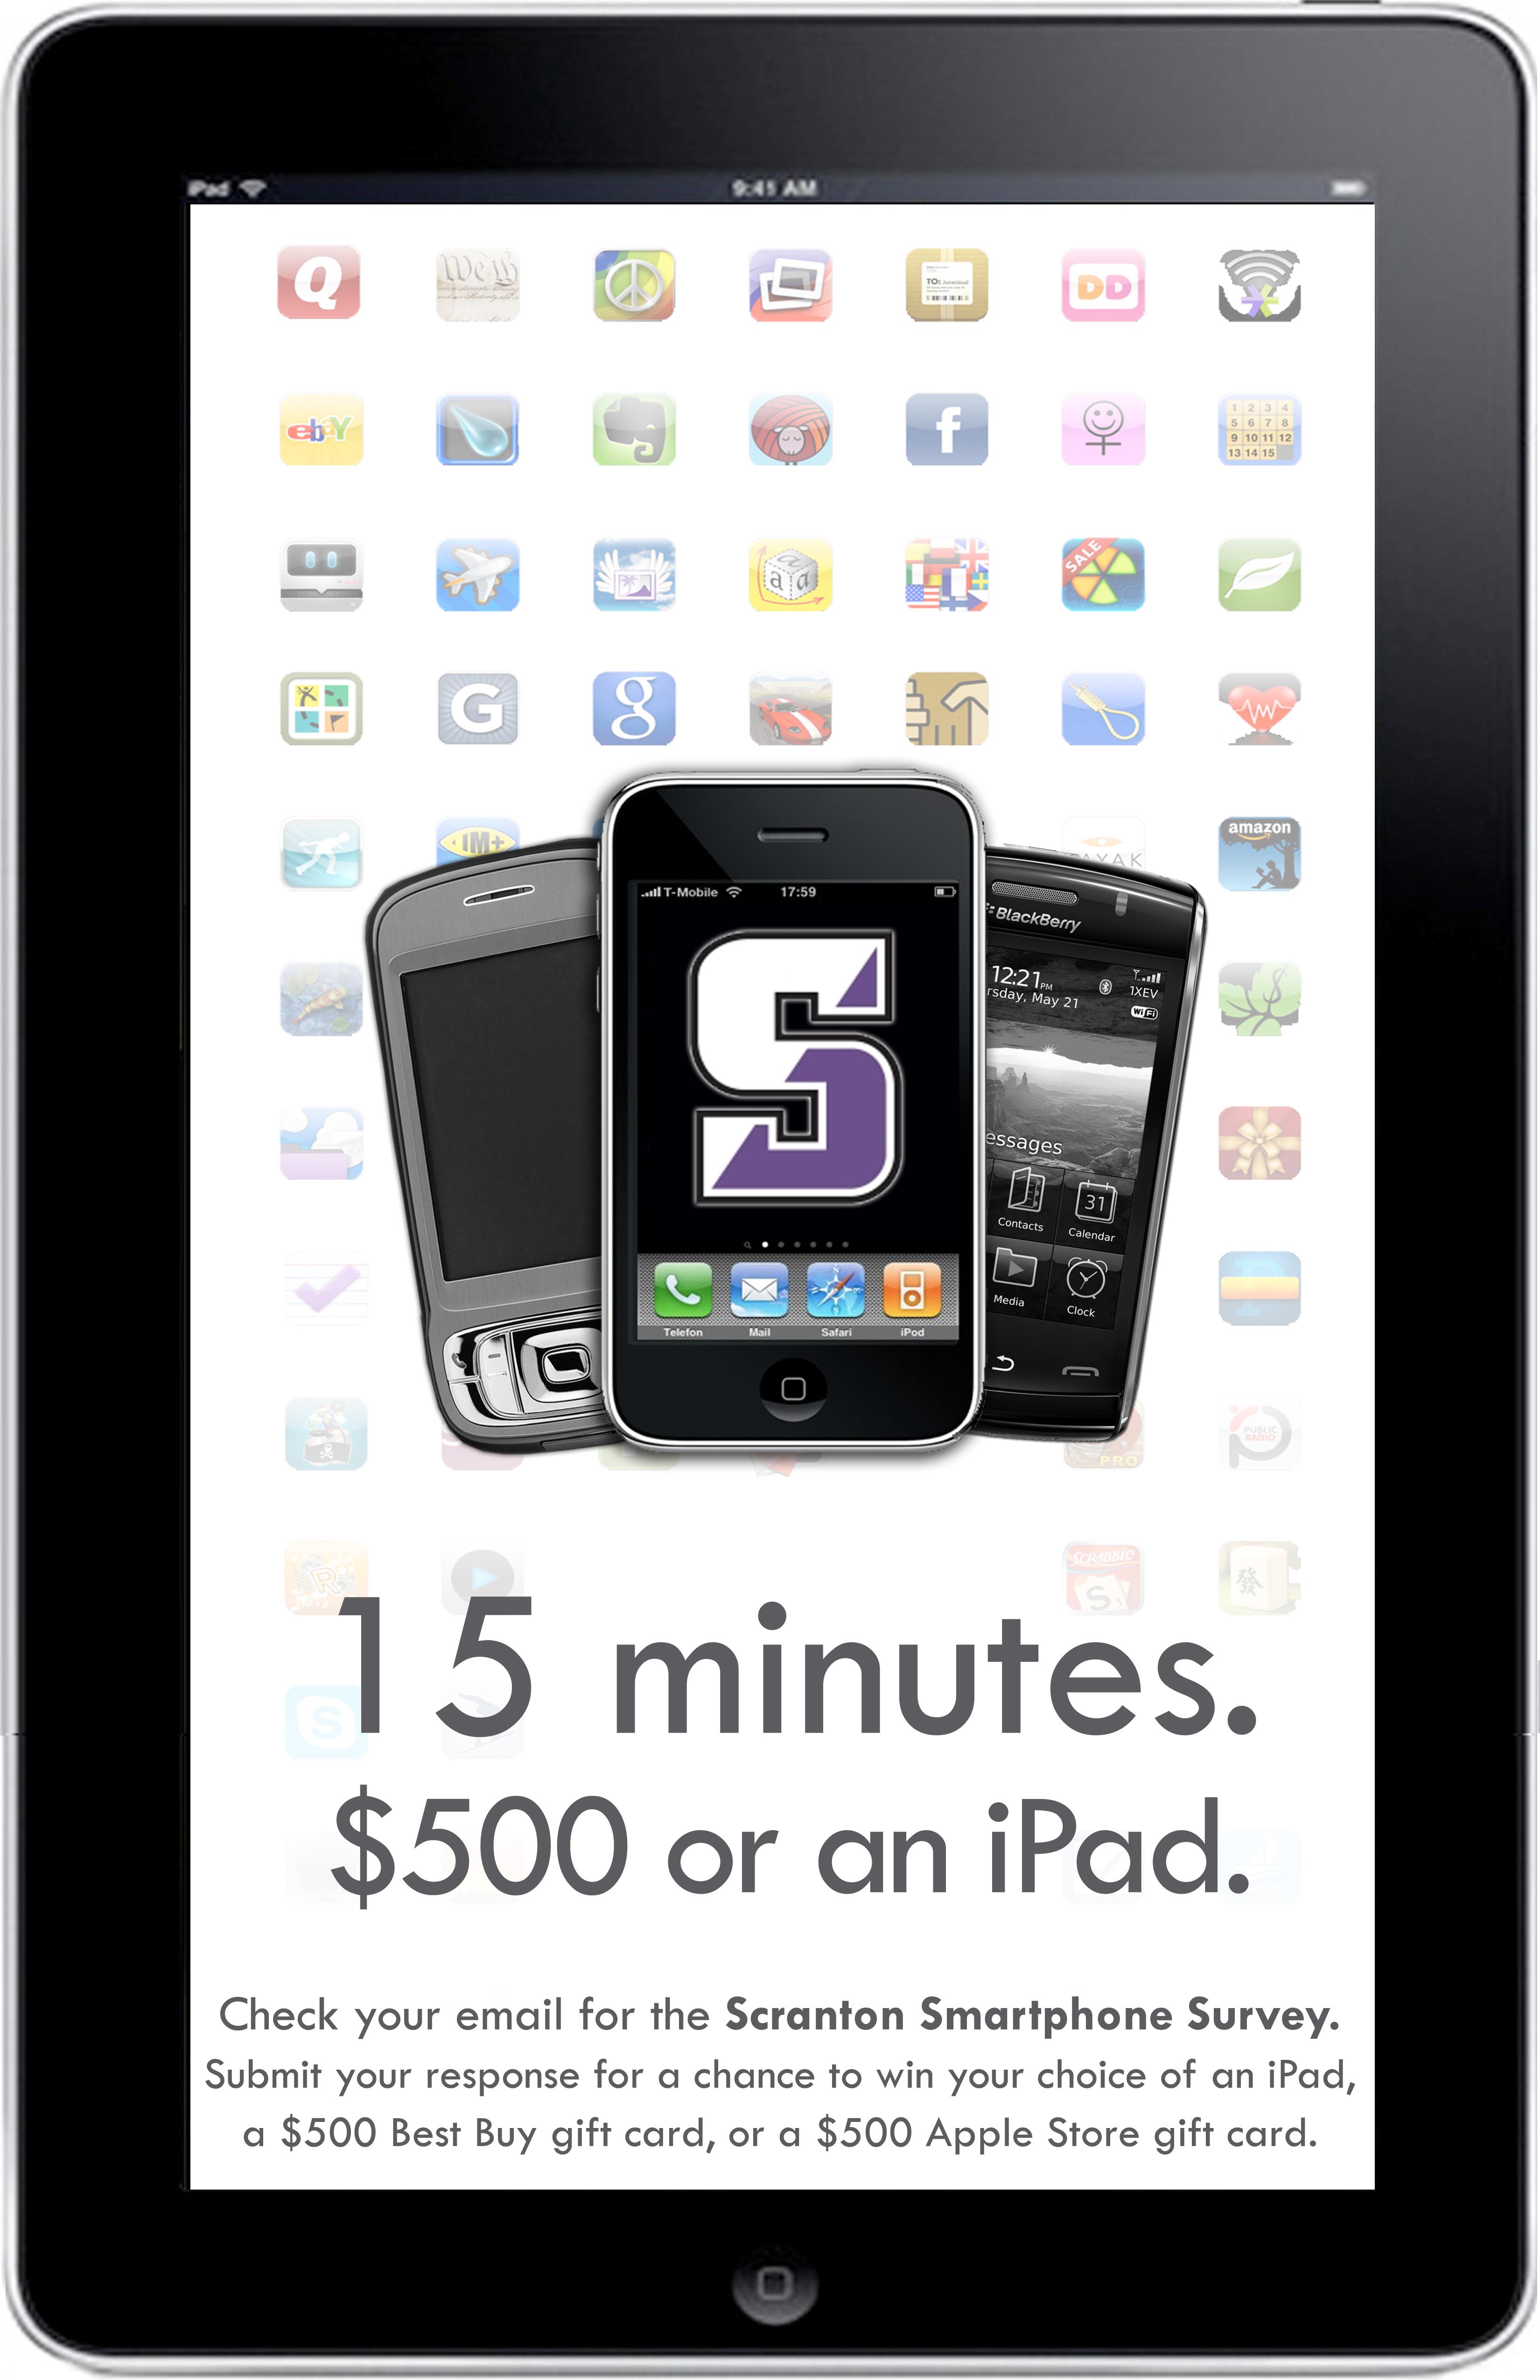 SmartphoneSurvey